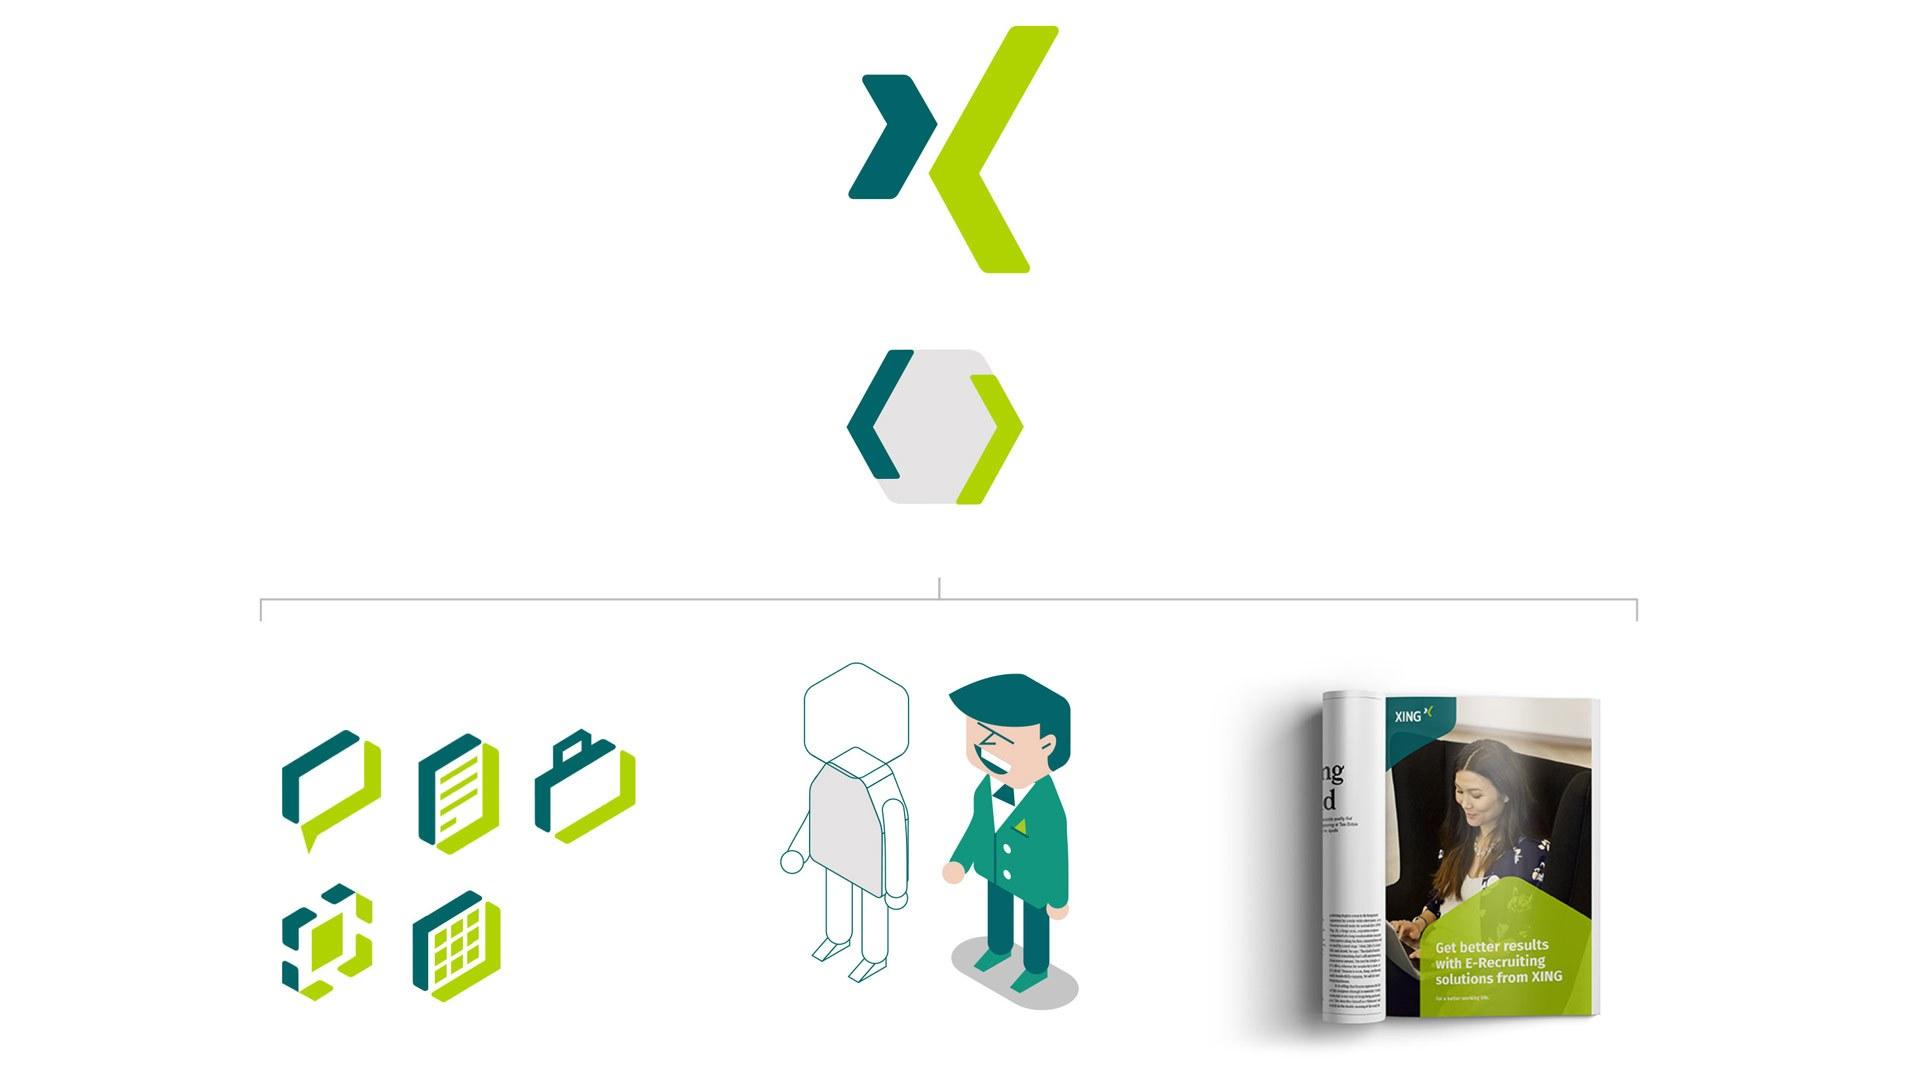 XING Hexagon